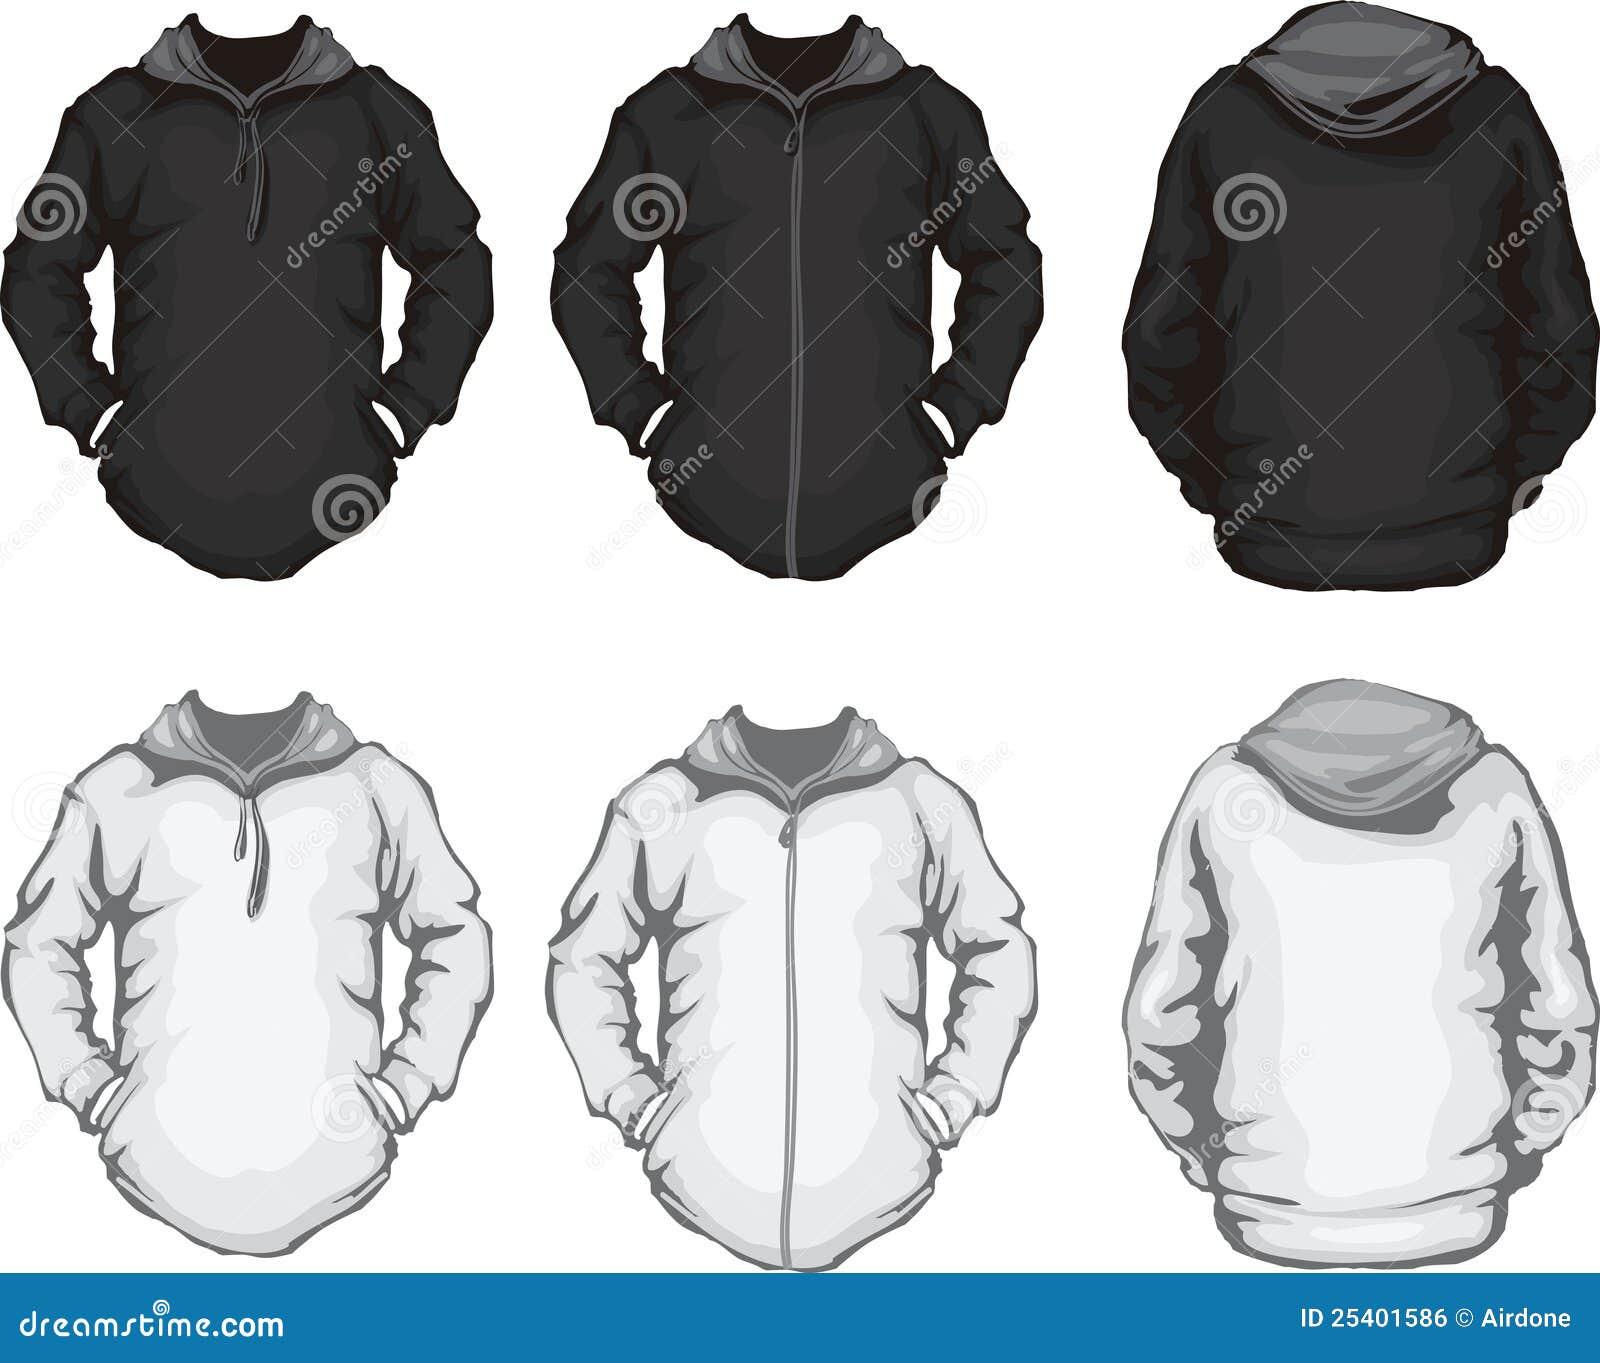 Black White Men's Hoodie Sweatshirt Template Royalty Free Stock